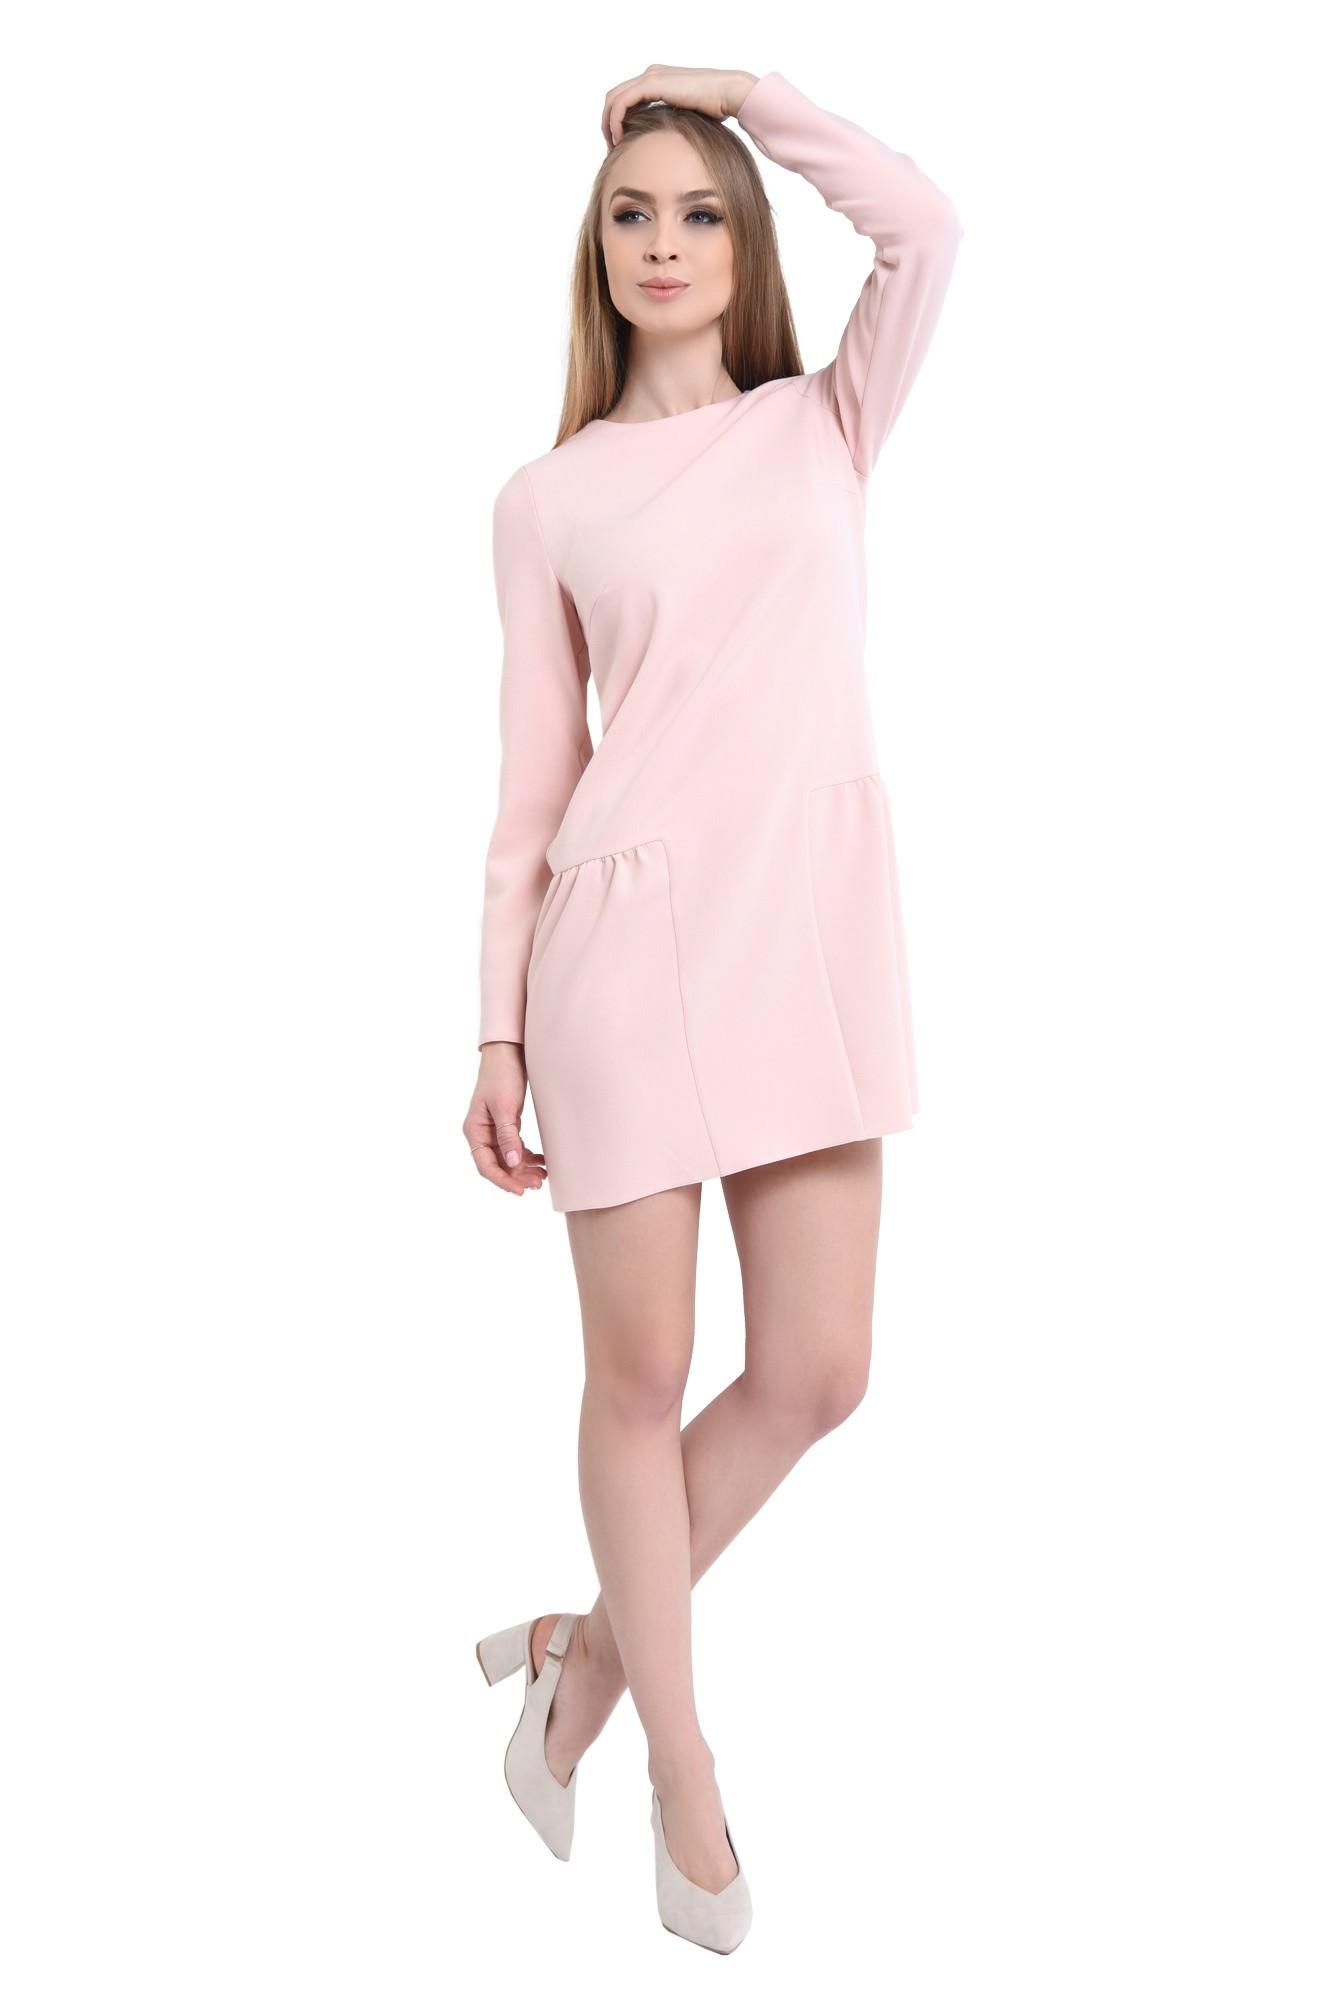 rochie mini, roz, maneci lungi, fermoar la spate, pliuri